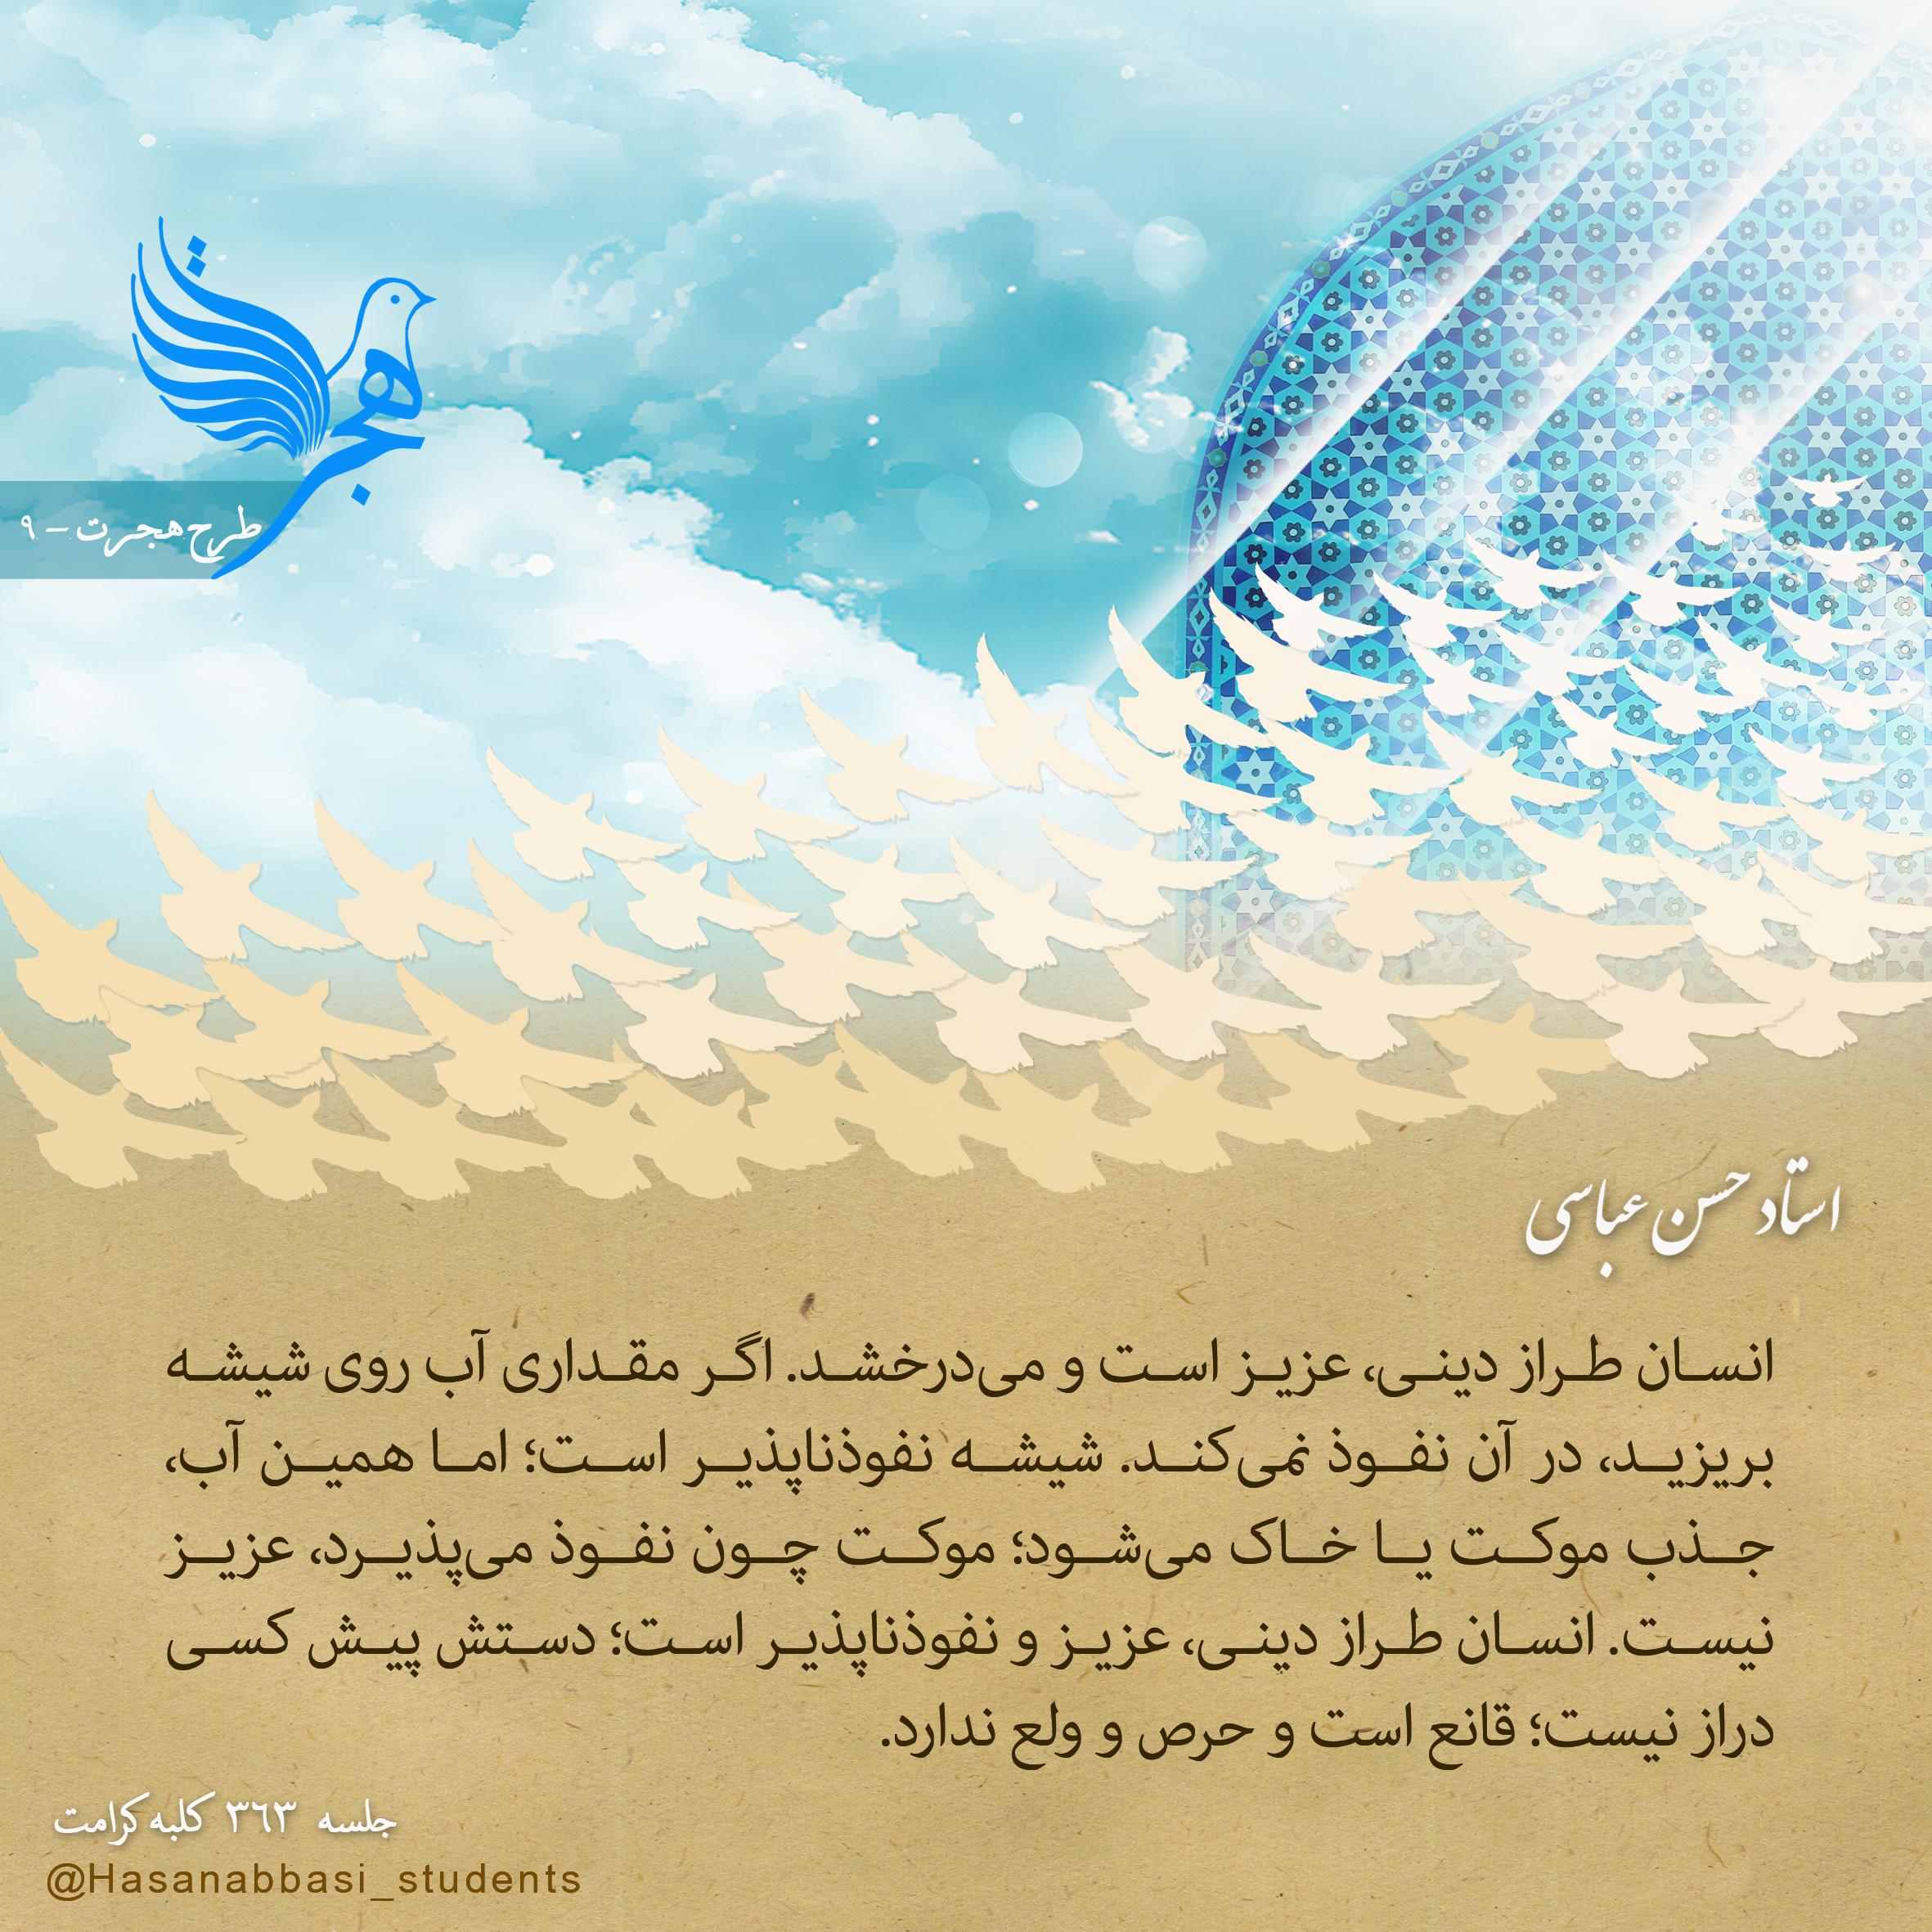 طرح هجرت 9 - انسان طراز دینی، عزیز و نفوذناپذیر است.